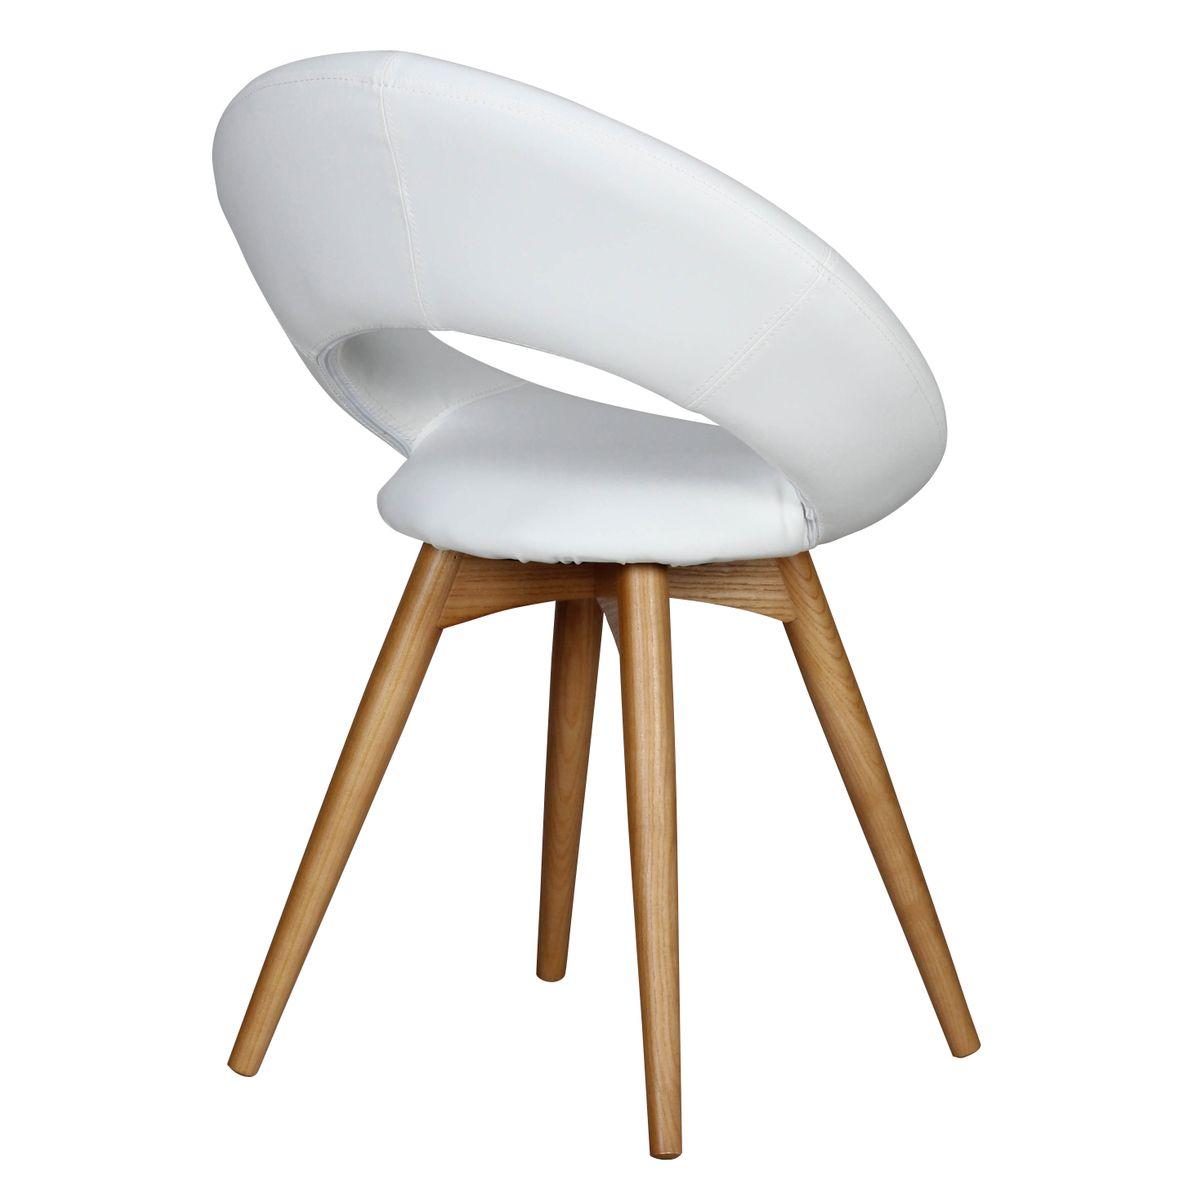 2er set esszimmerst hle skandi gepolstert mit holz beinen. Black Bedroom Furniture Sets. Home Design Ideas